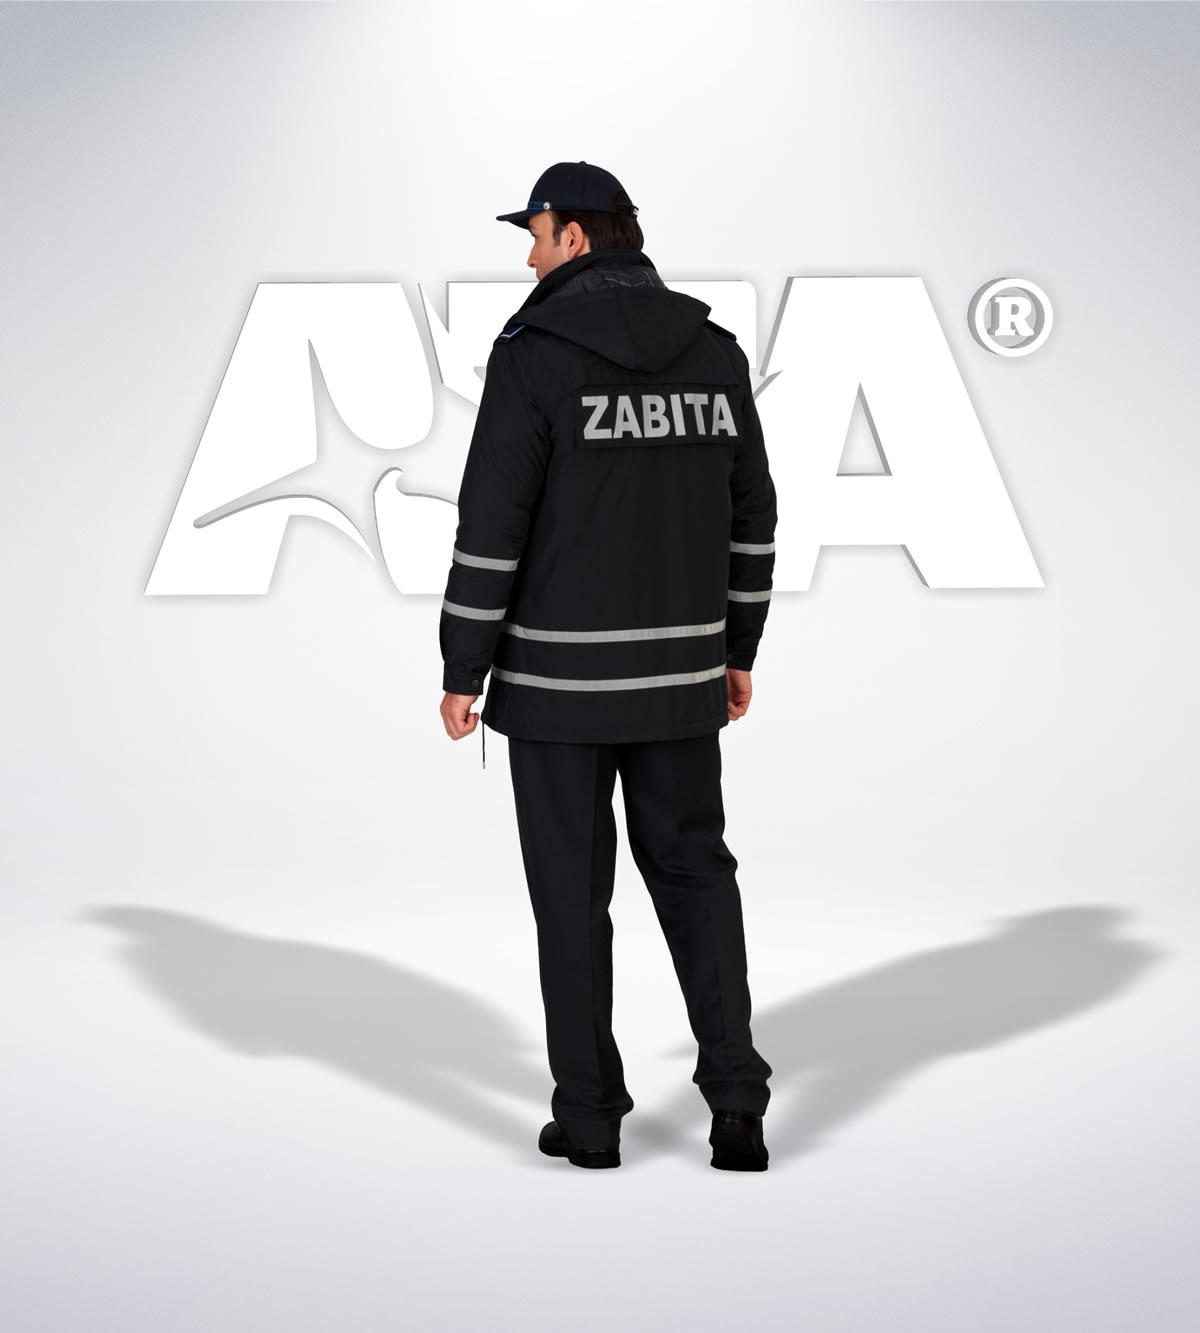 ATA 216 - arka - Pantolon kışlık -mont-reflektör-aksesuar - zabıta elbiseleri | zabıta üniformaları | zabıta kıyafetleri